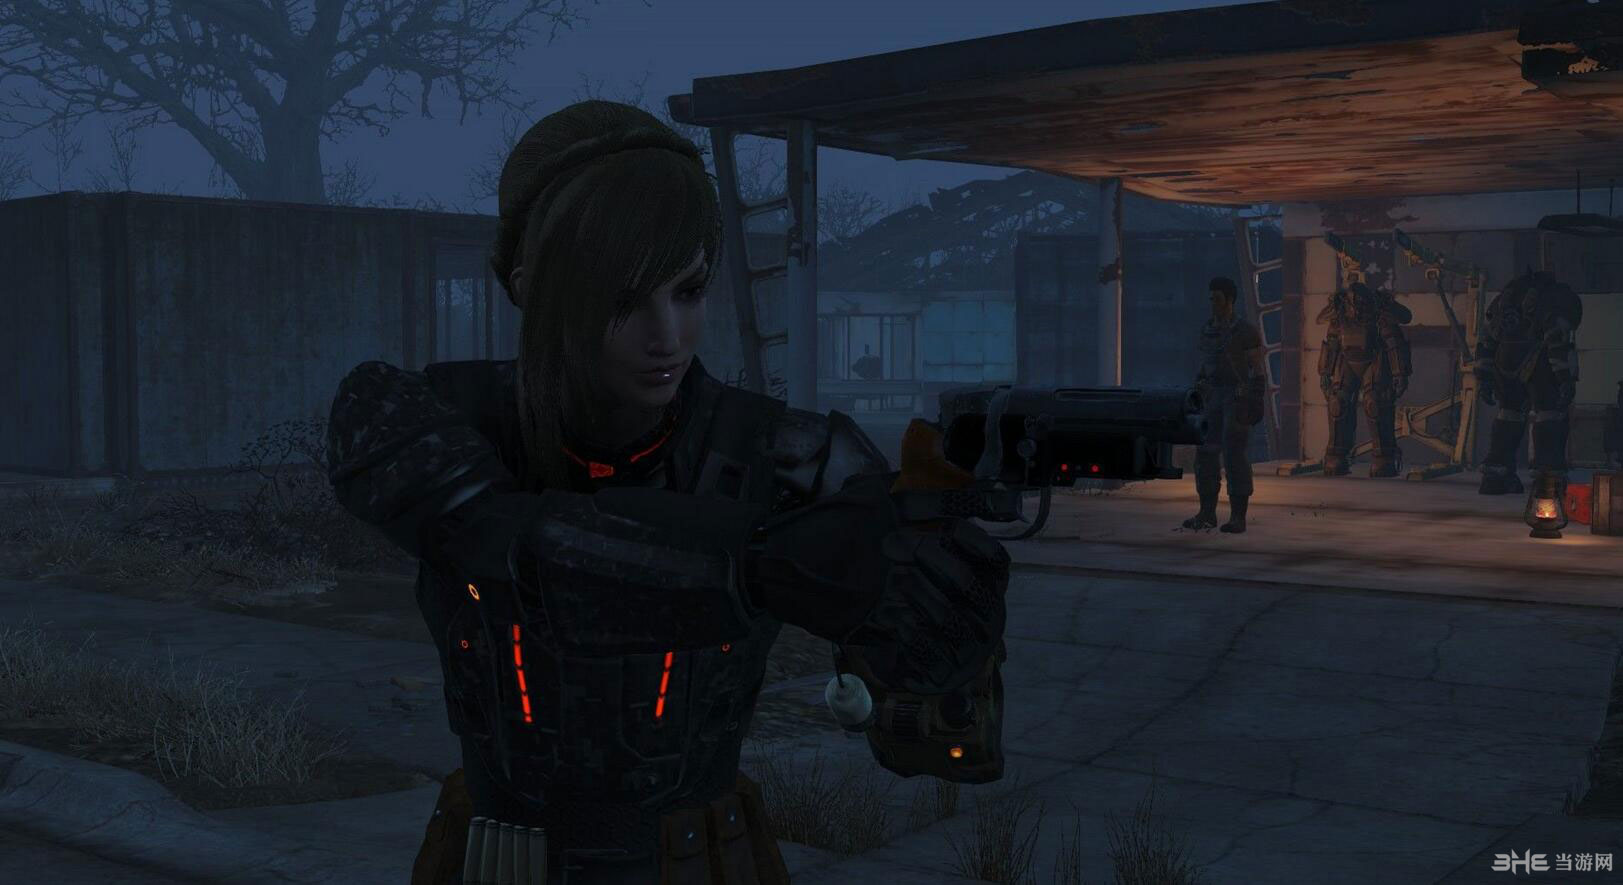 辐射4银翼杀手转轮手枪MOD截图2